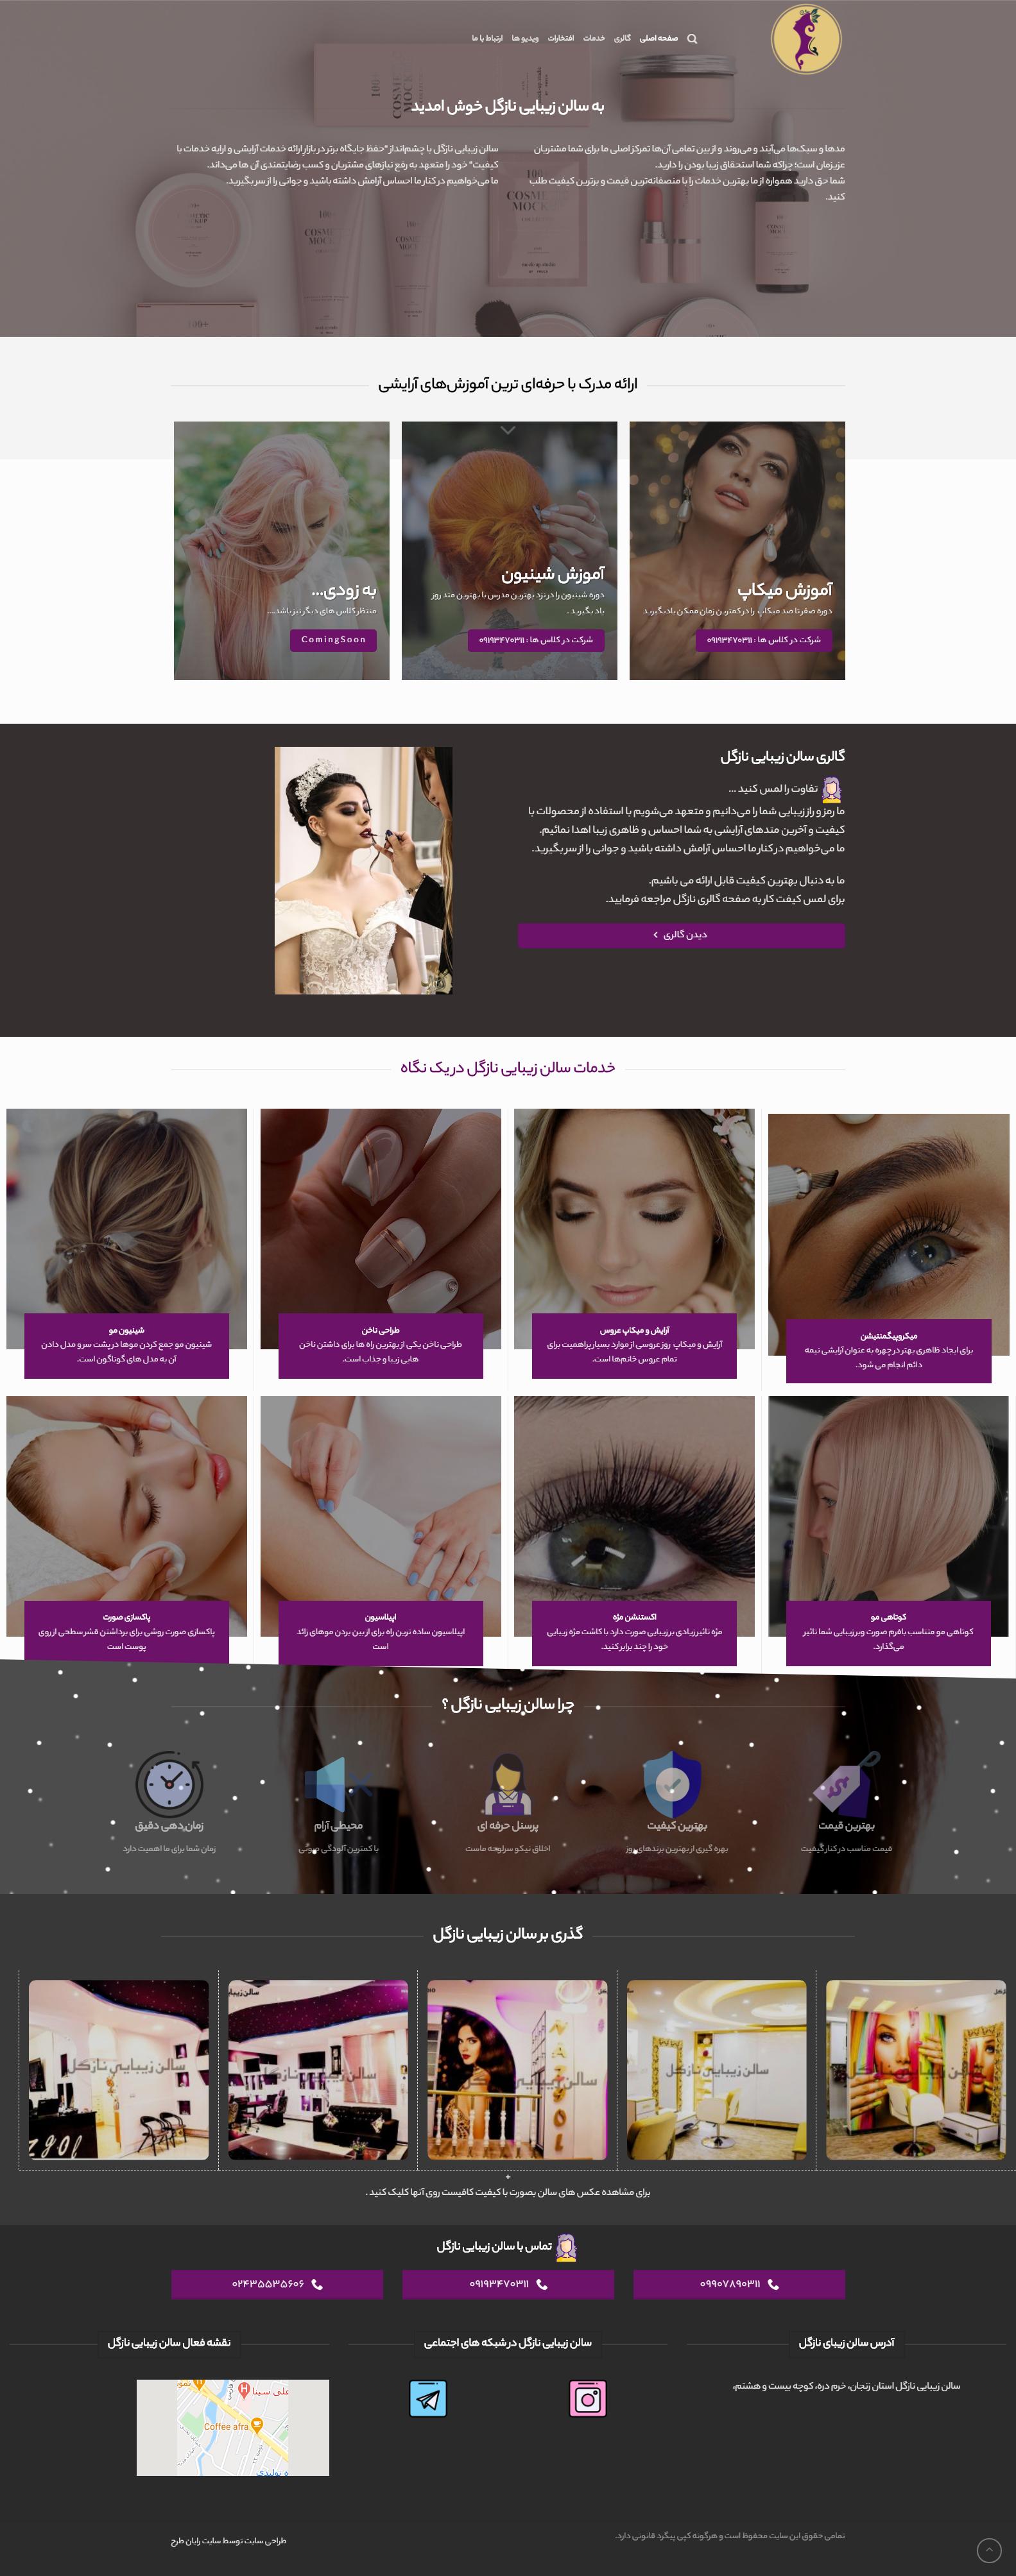 نمونه کار طراحی سایت نازگل- رایان طرح